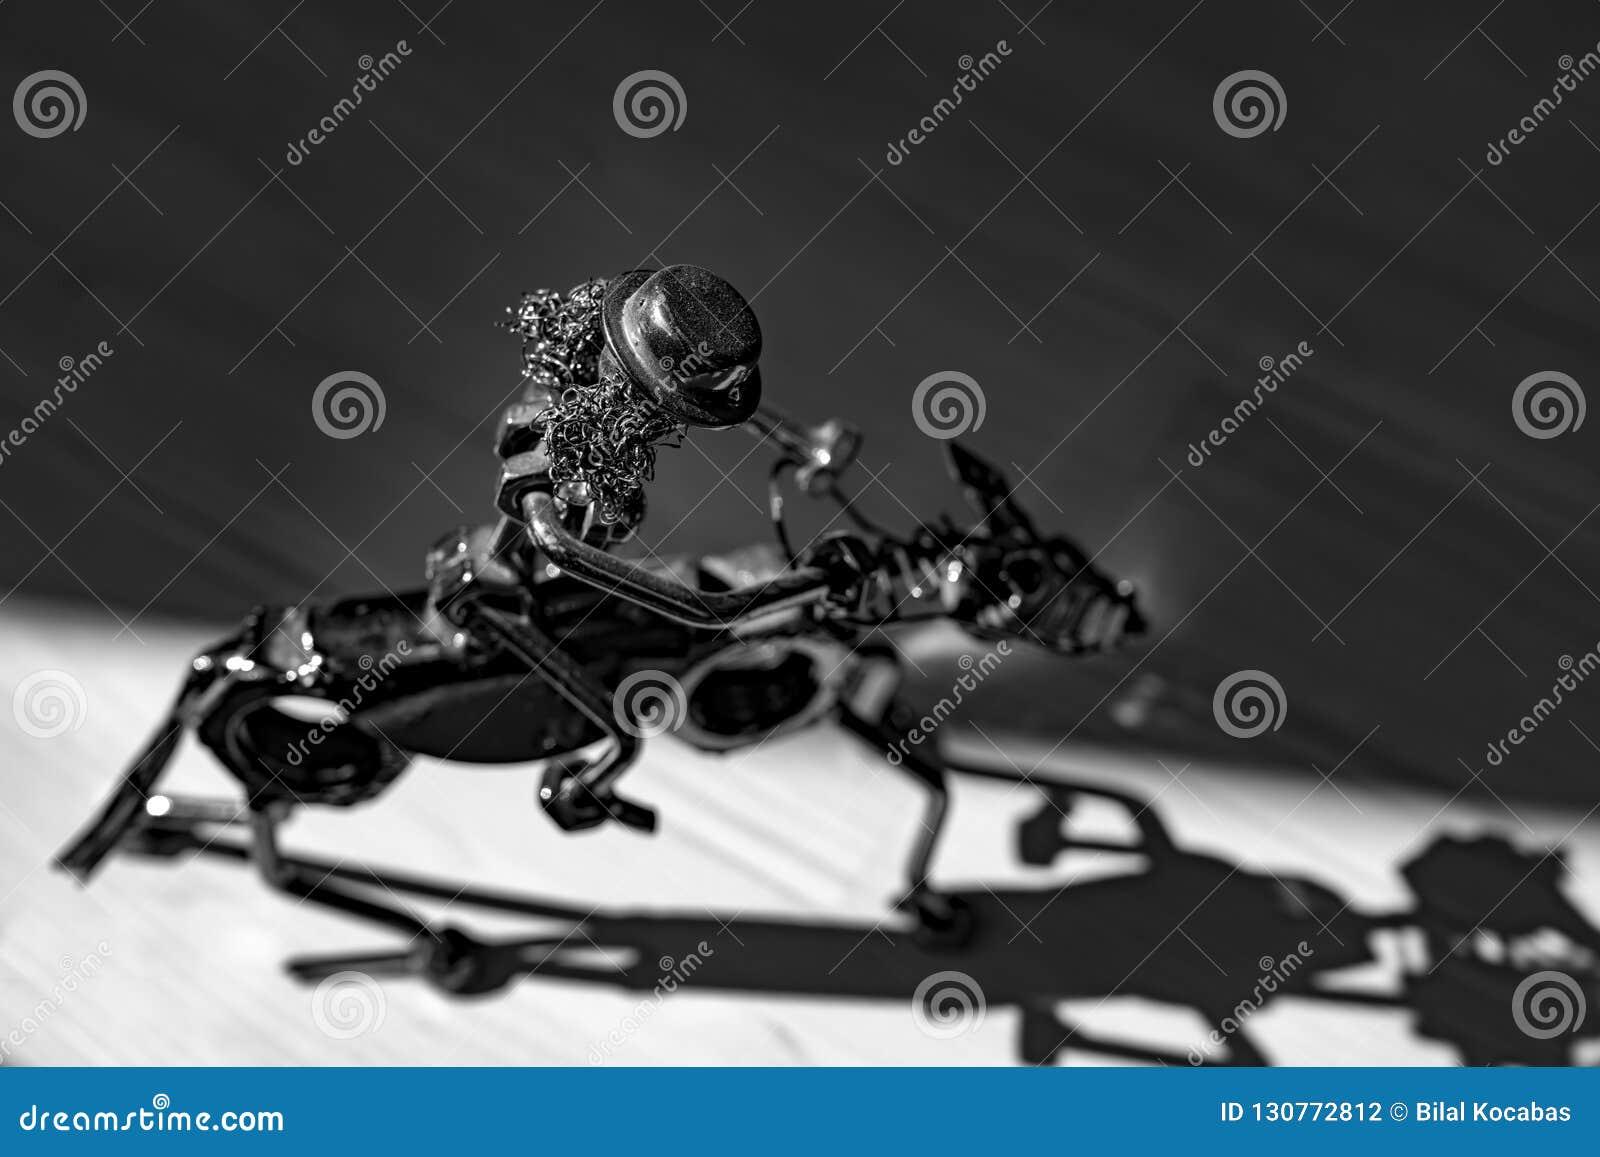 Небольшой figurine металла